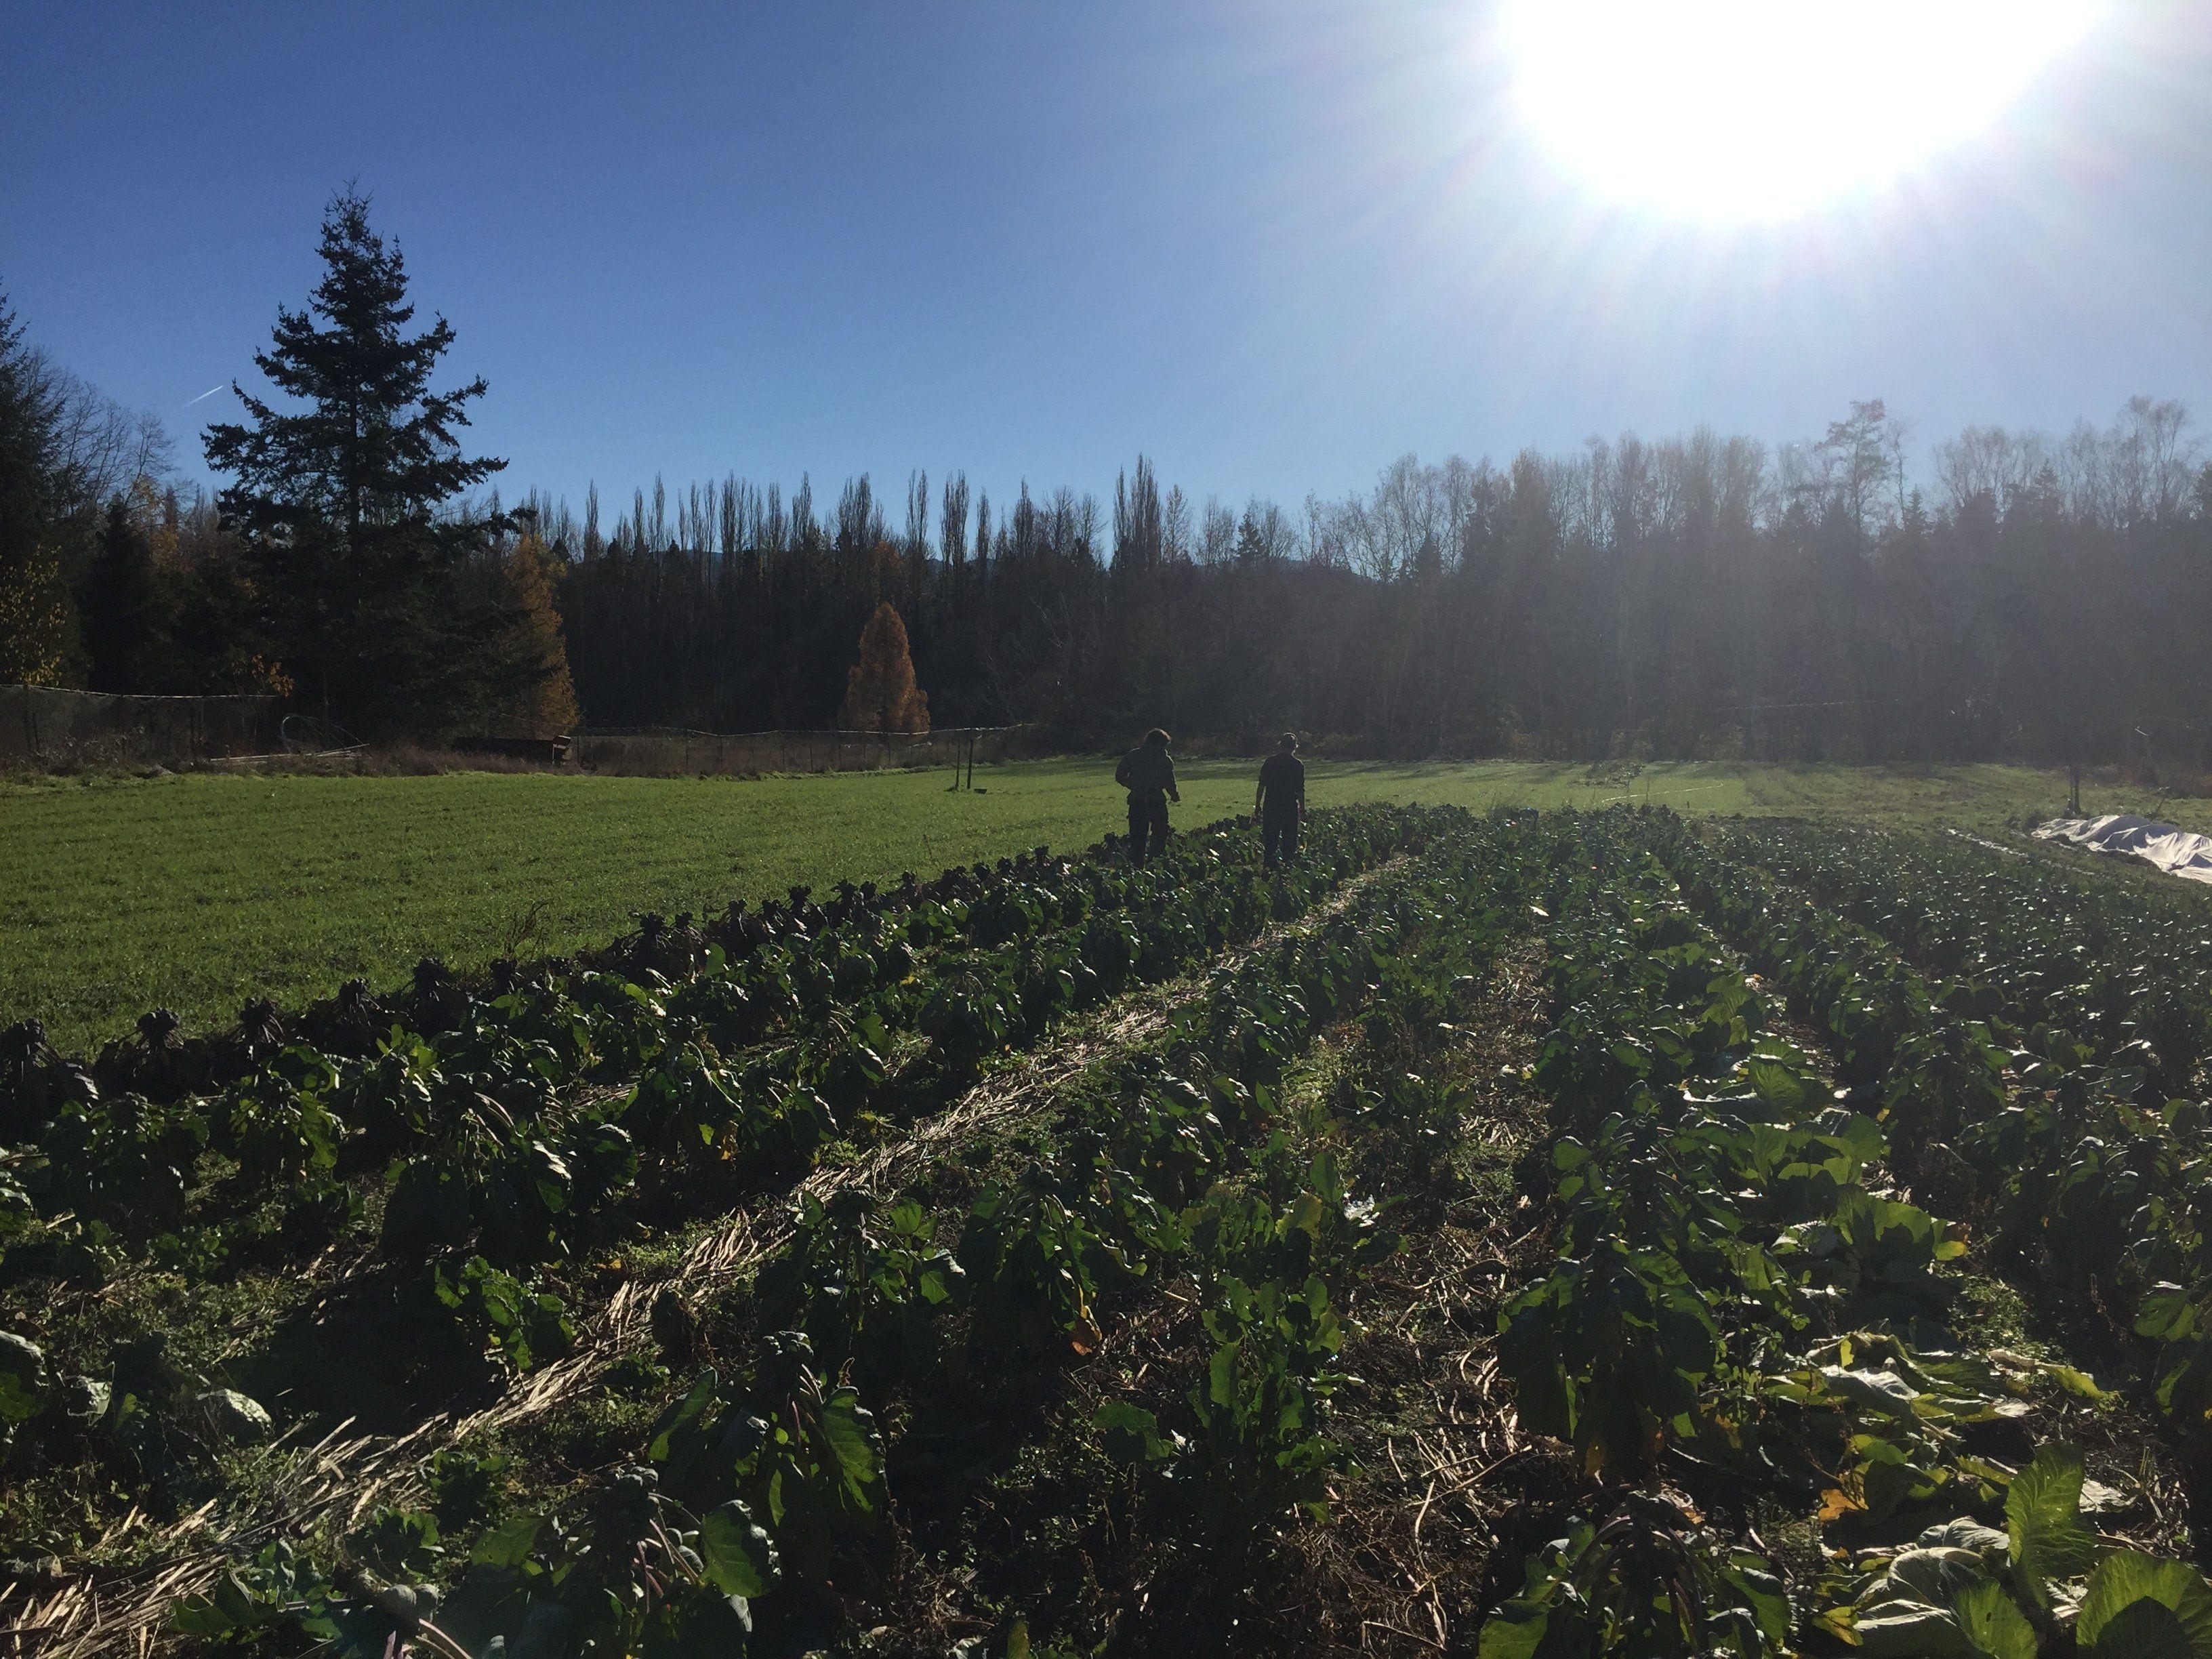 Farm Happenings for November 11, 2020